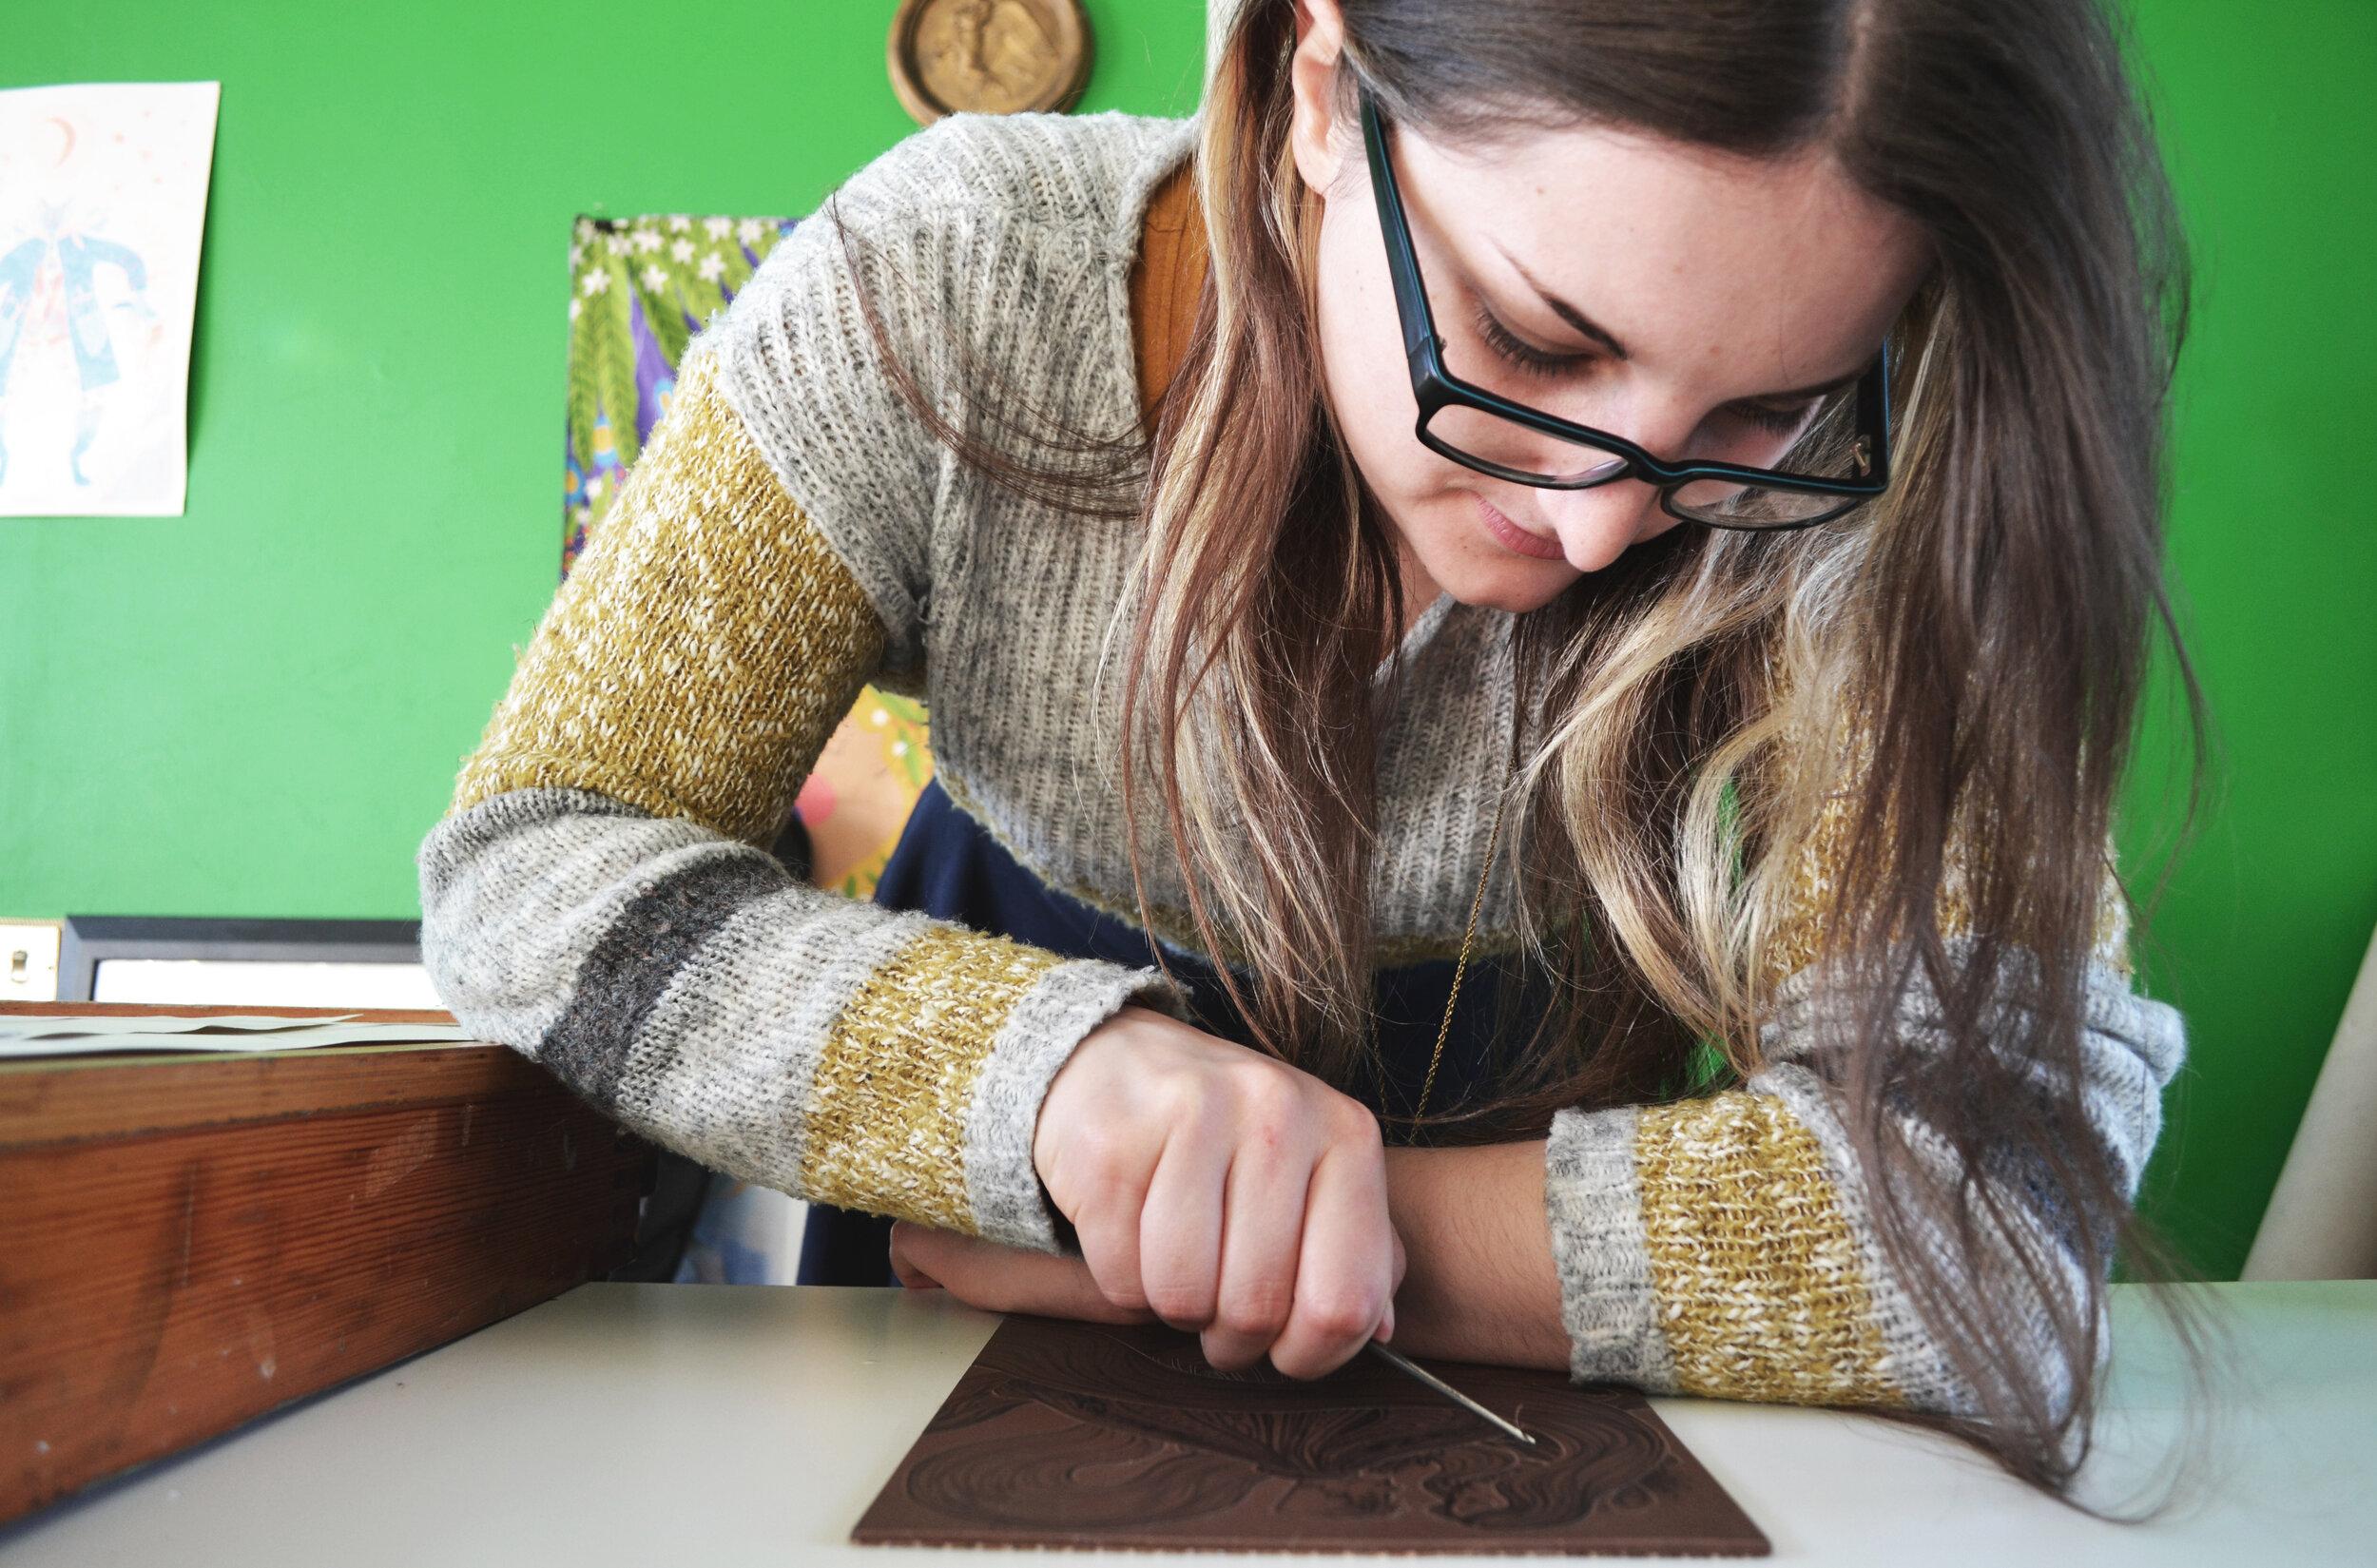 - Rosie is illustrator en woont in Noord-Ierland. Voor Galerie Magiek boetseert Rosie sprookjesachtige broches, schildert ze ragfijne medaillons en creëert ze ecologische linnen tassen.